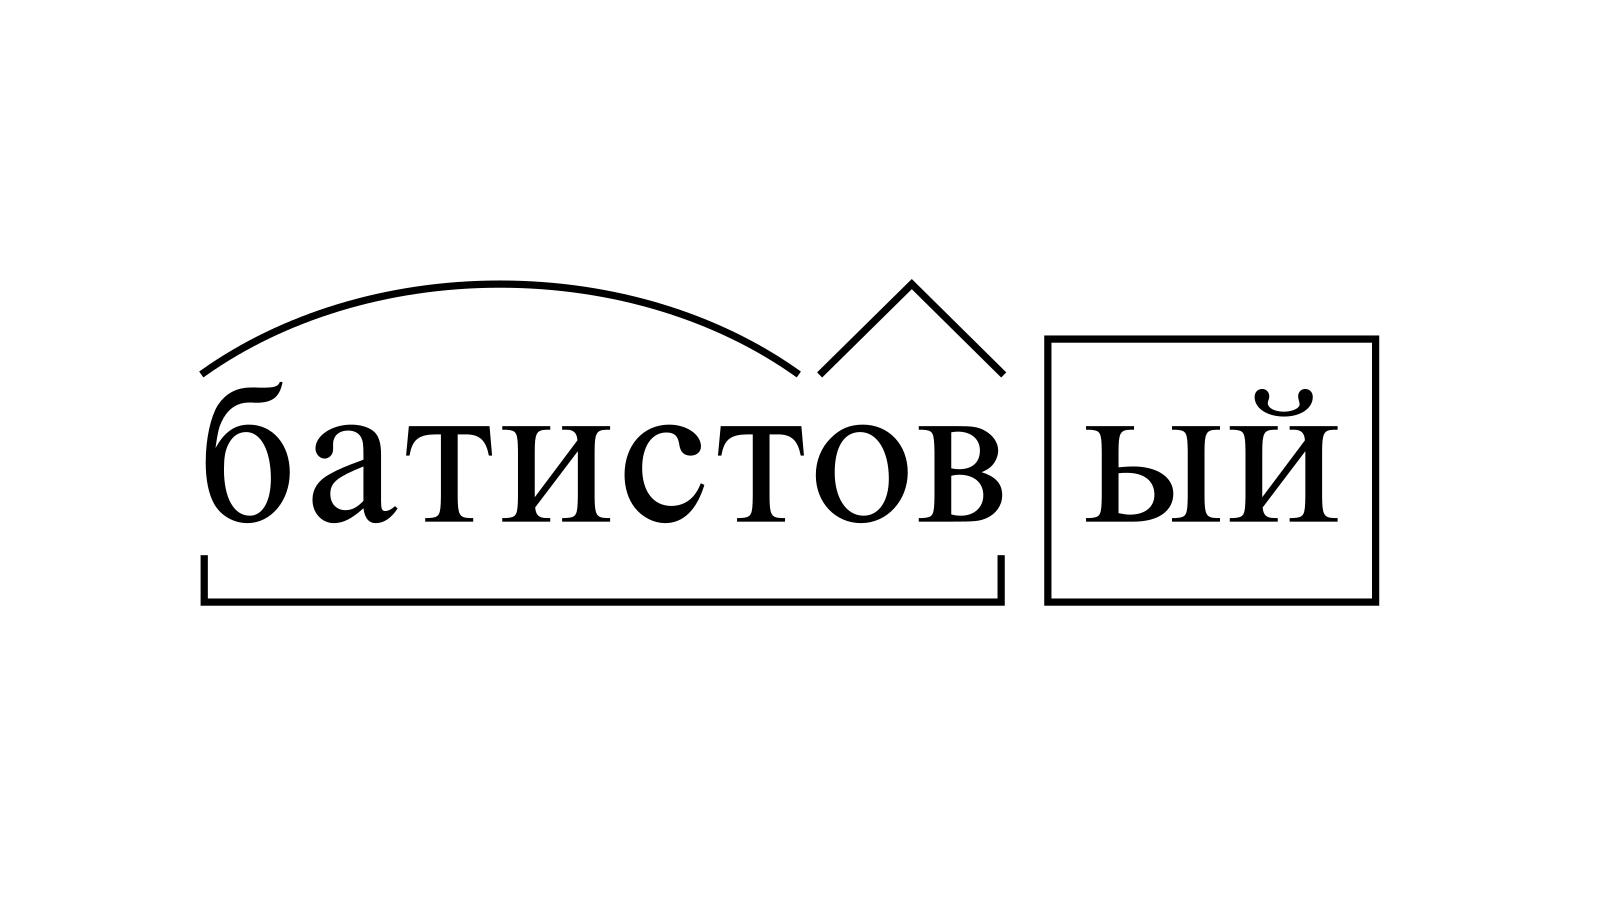 Разбор слова «батистовый» по составу